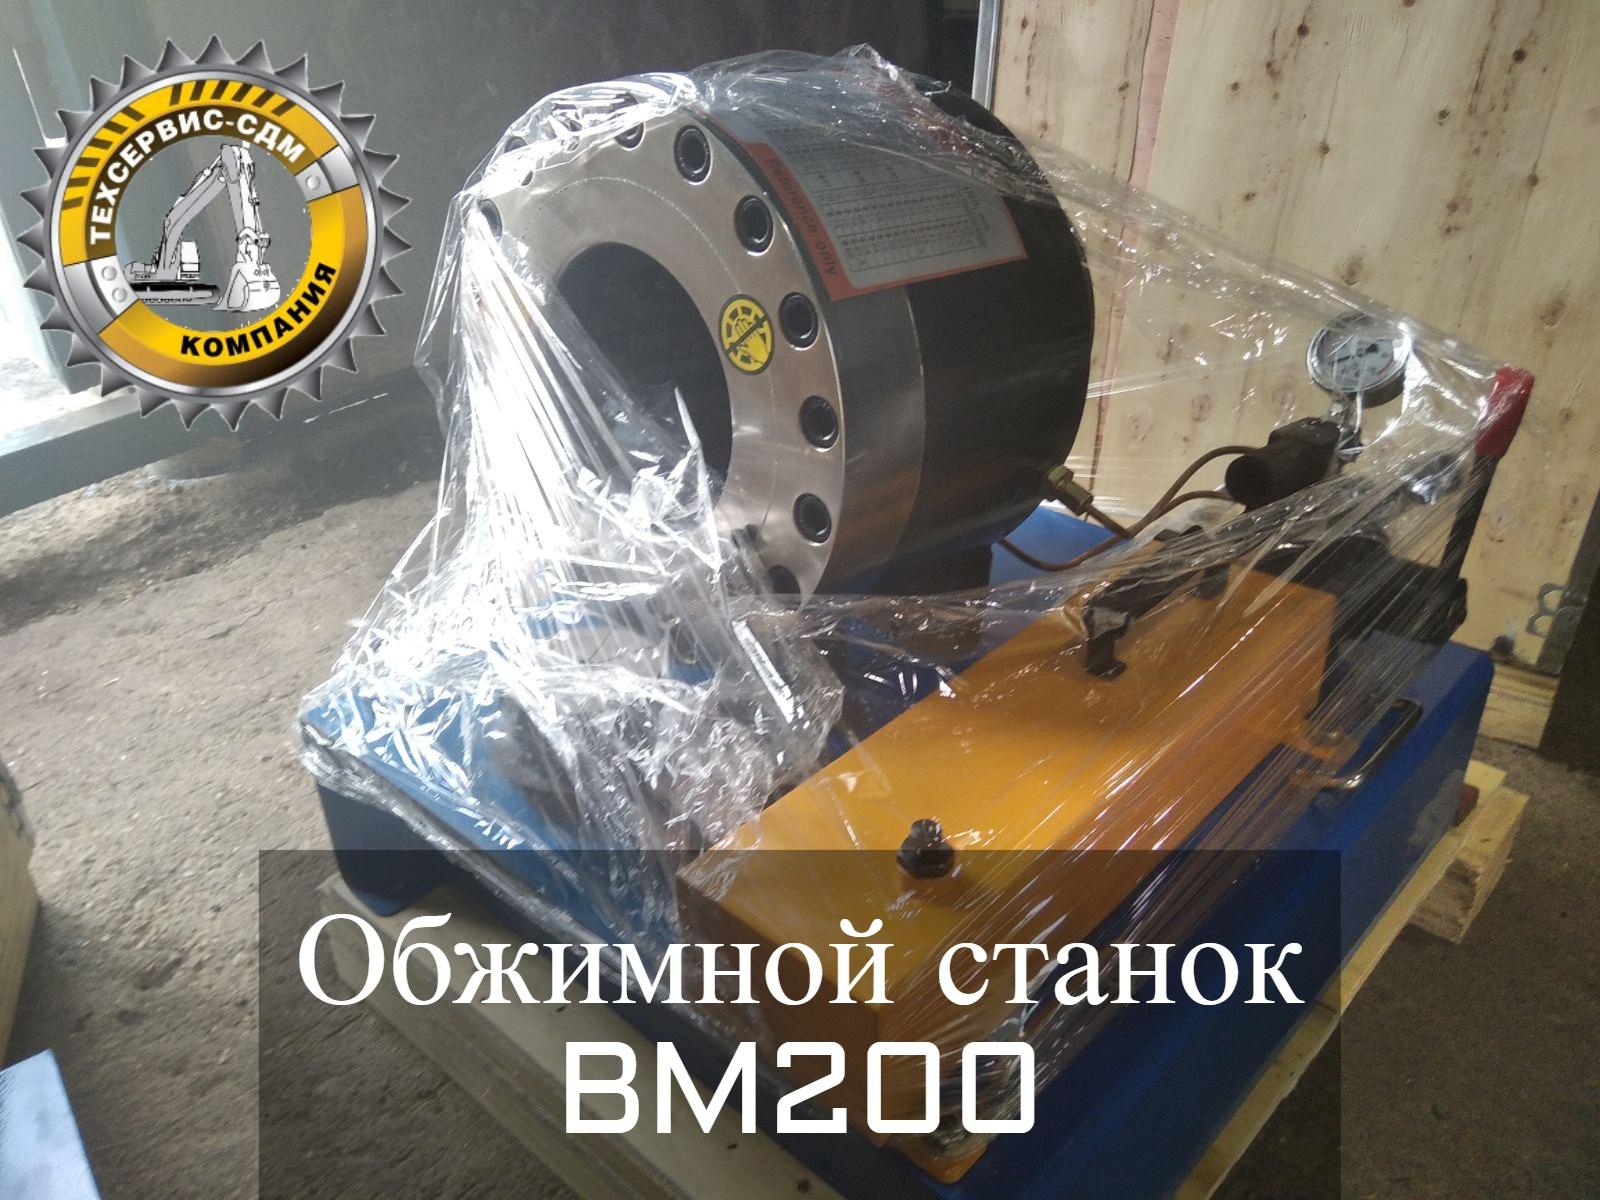 обжимной станок BM200